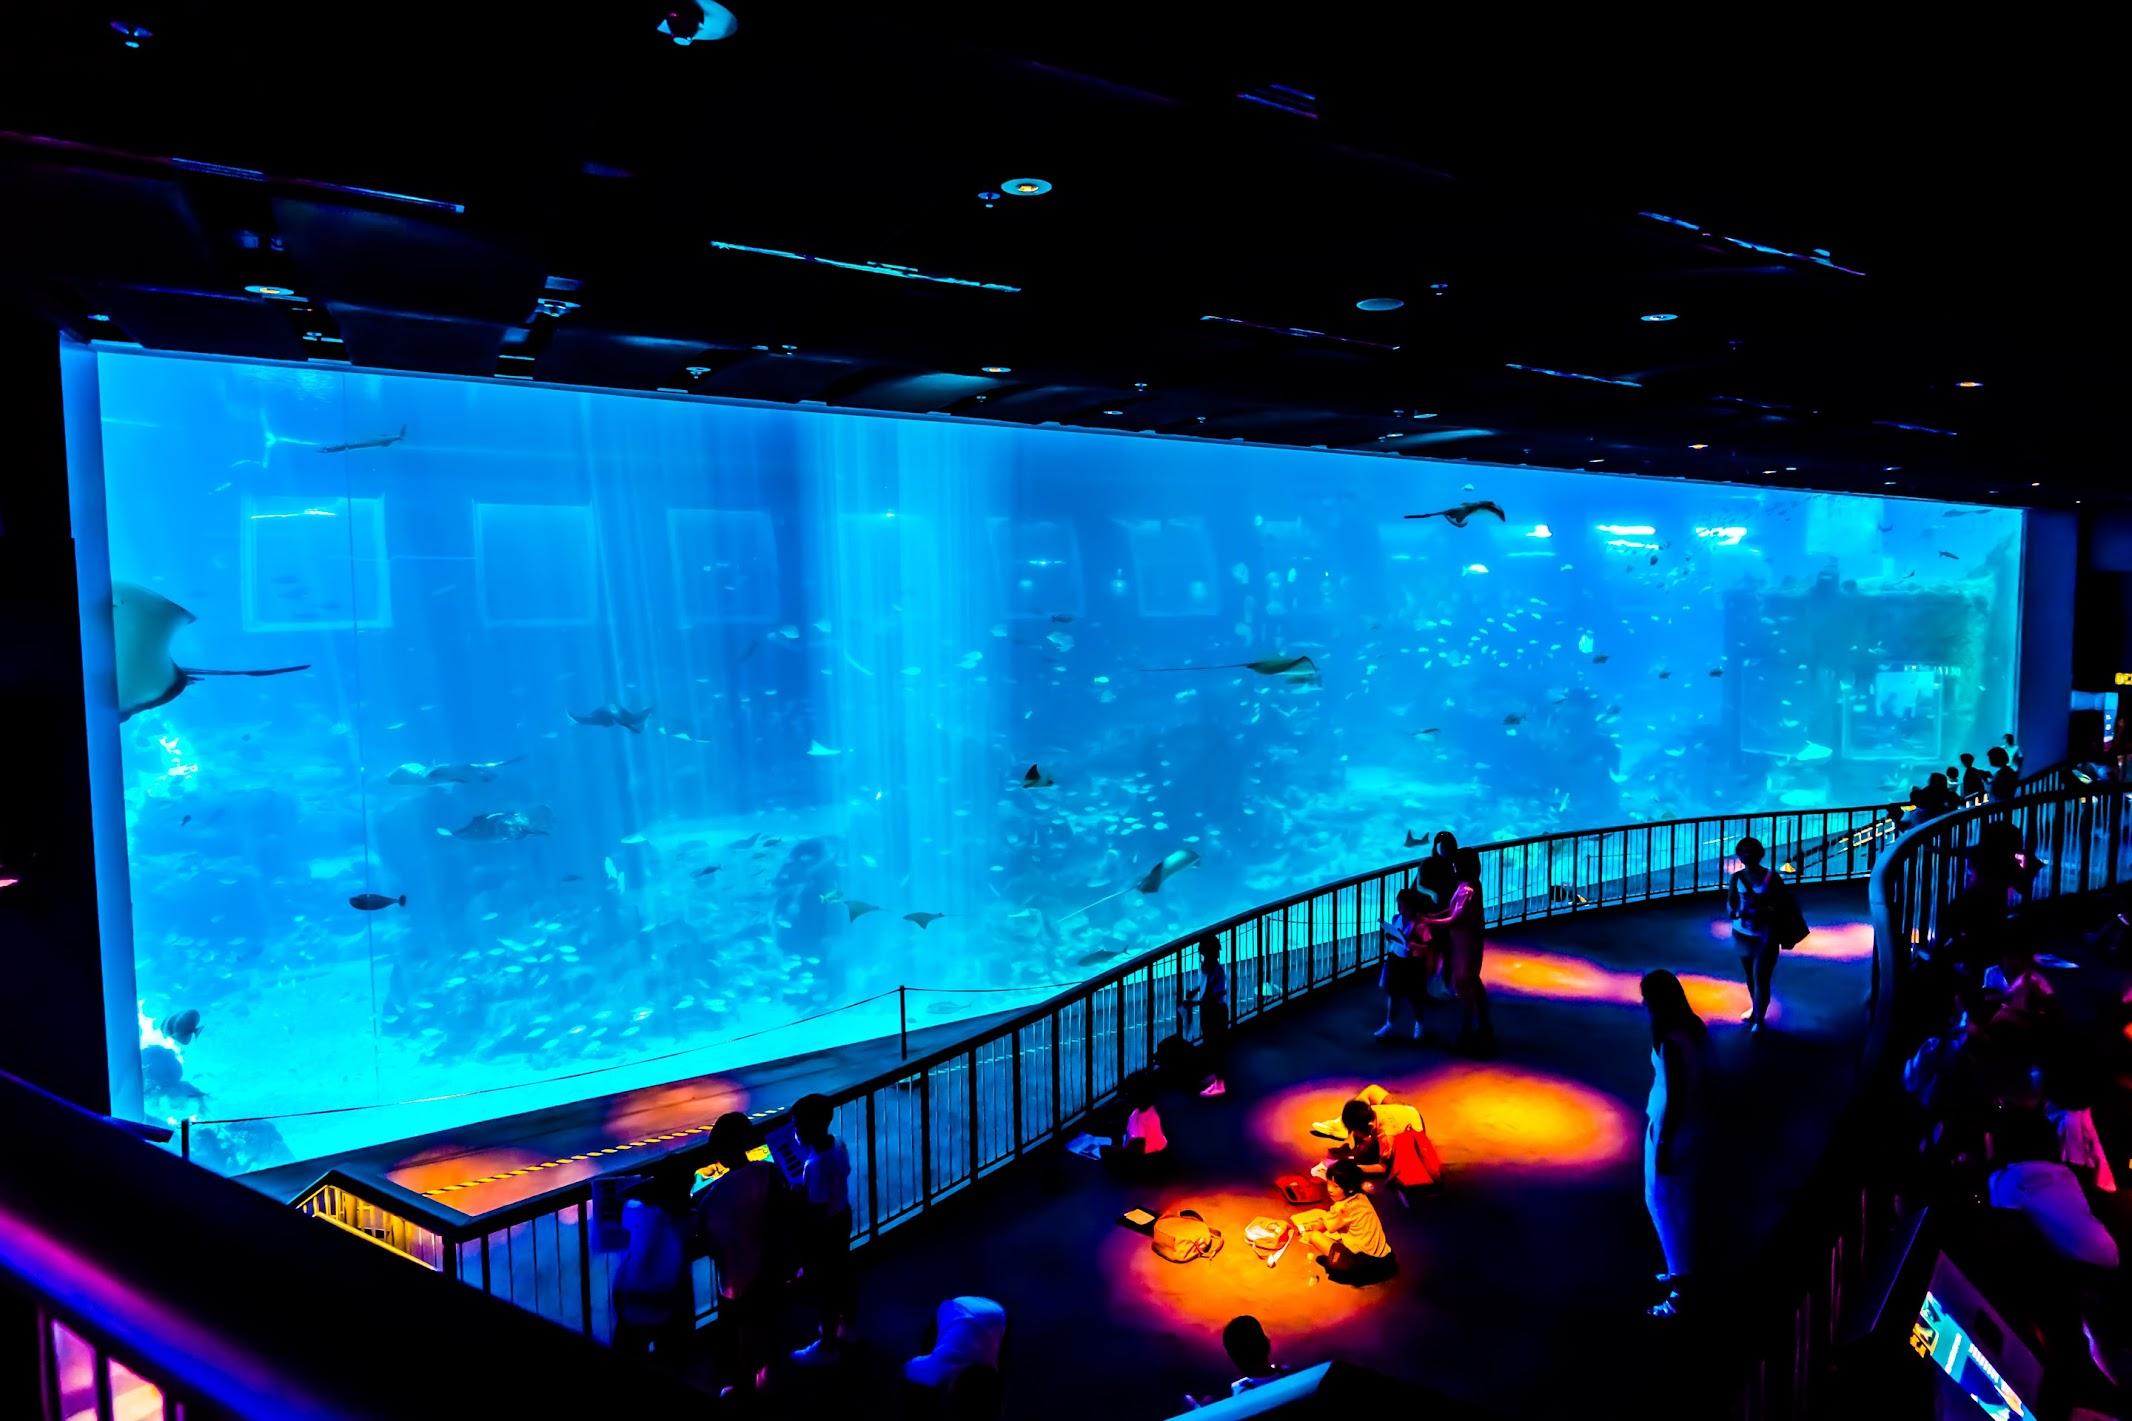 シンガポール セントーサ島 シー・アクアリウム Open Ocean